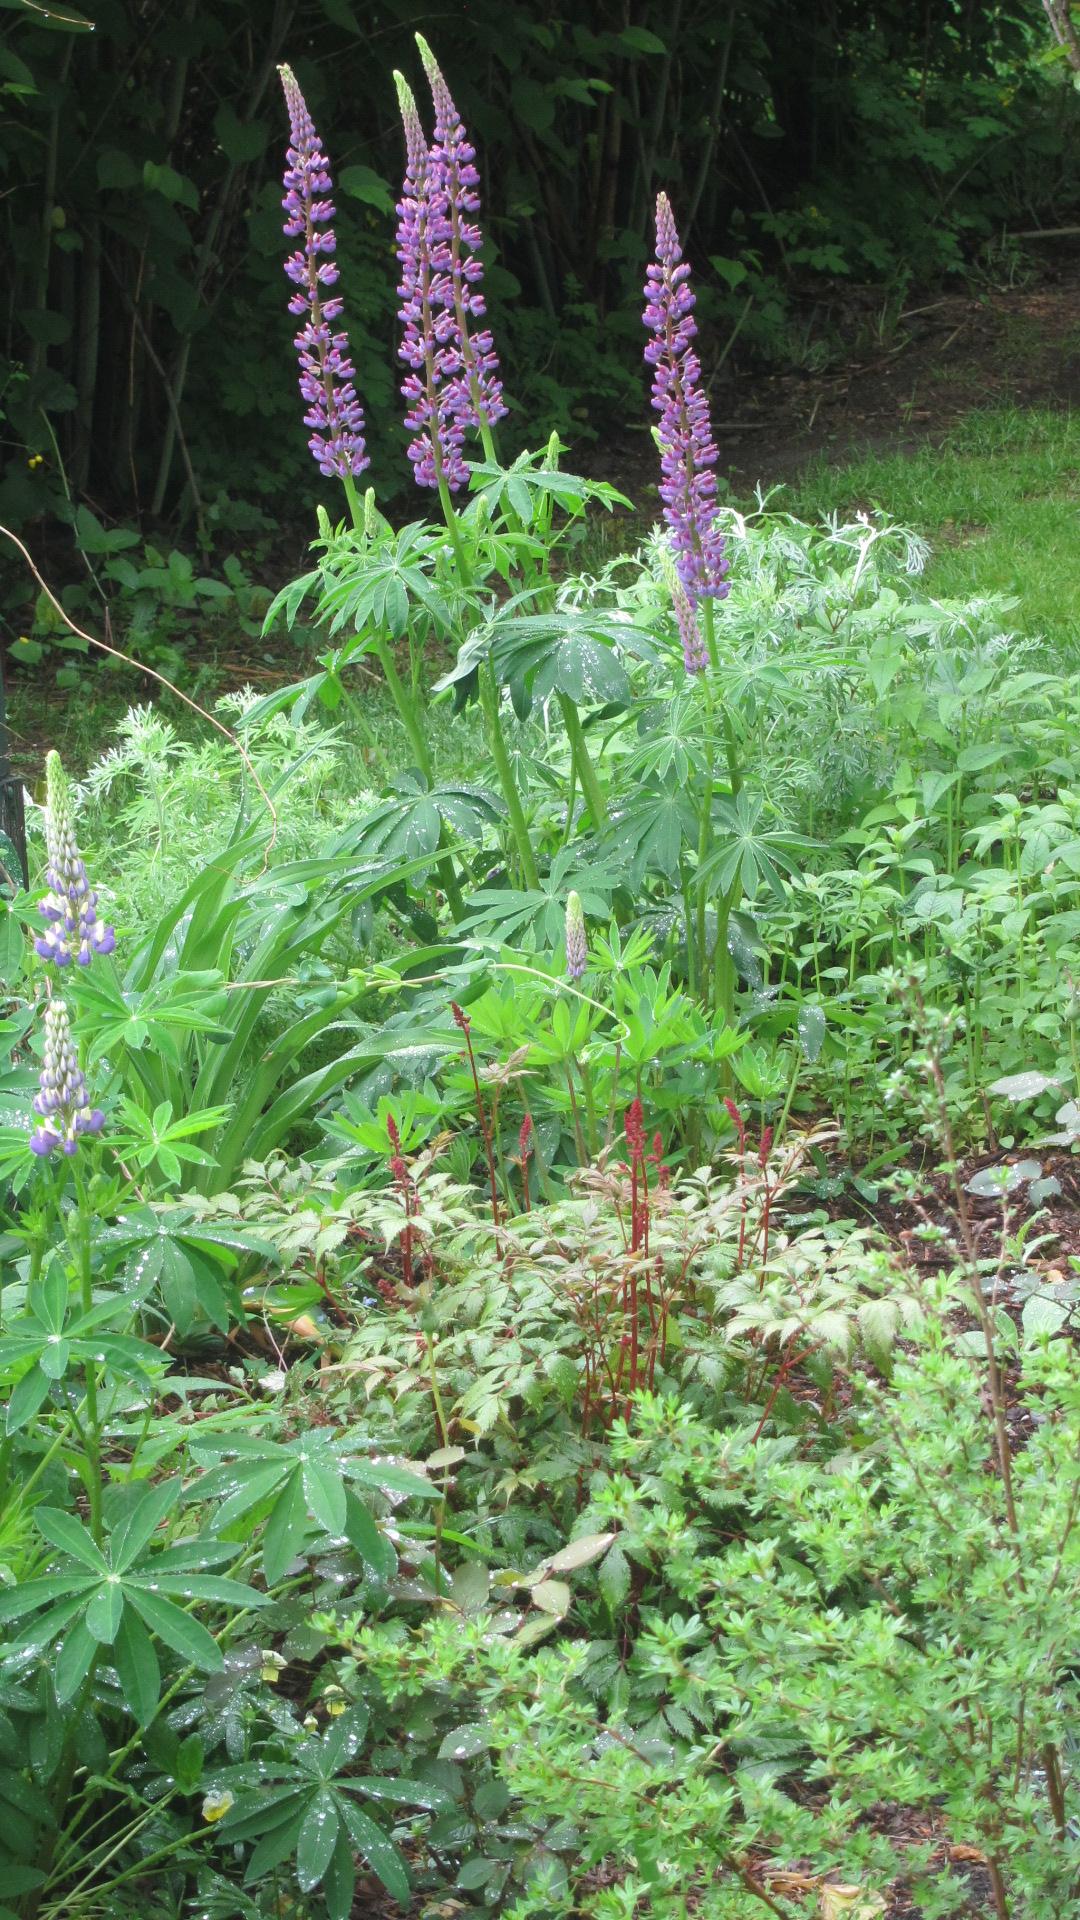 Lupine photo in vermont garden